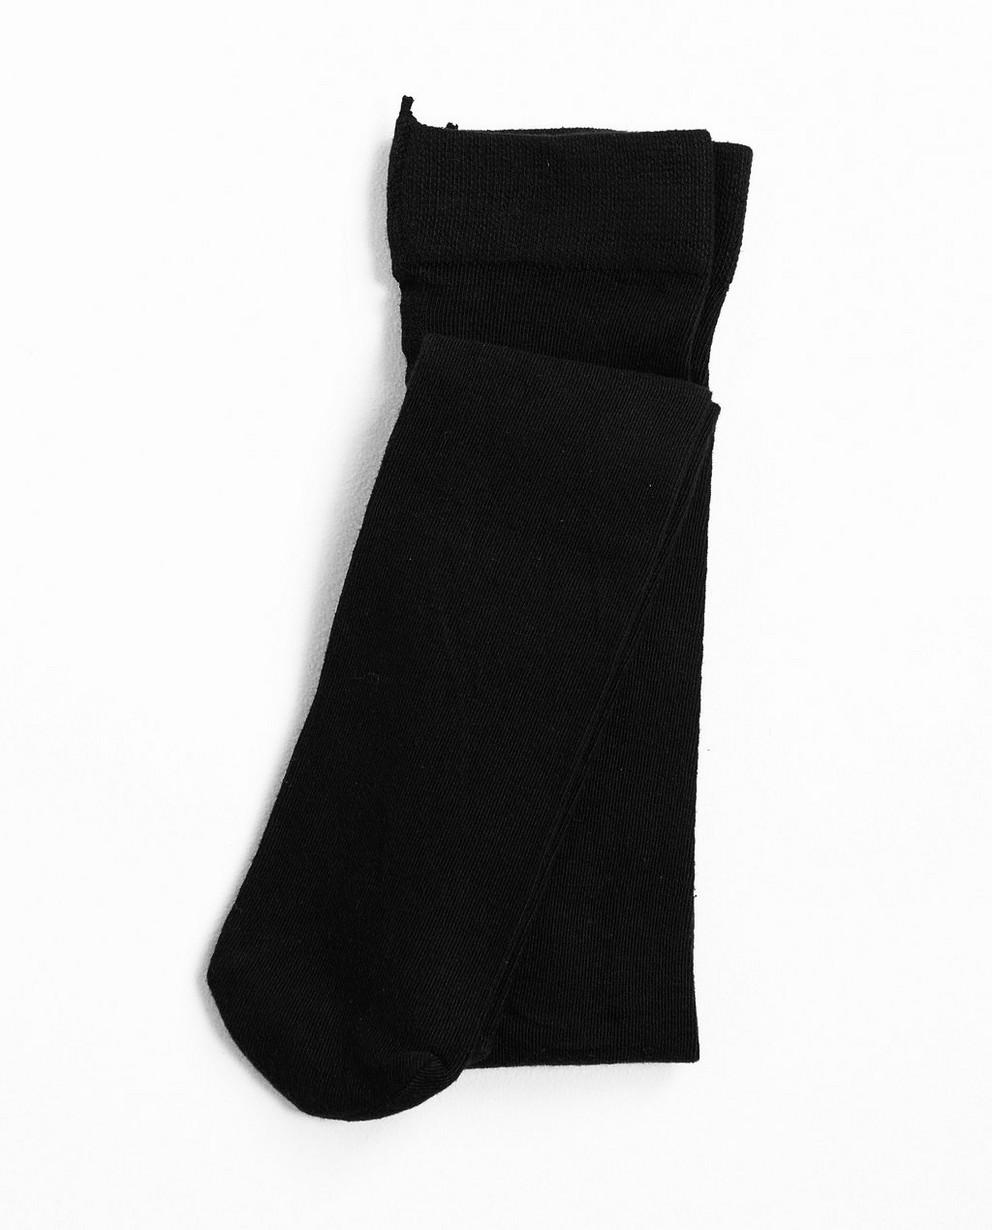 Collant noir - en coton mélangé stretchy - JBC